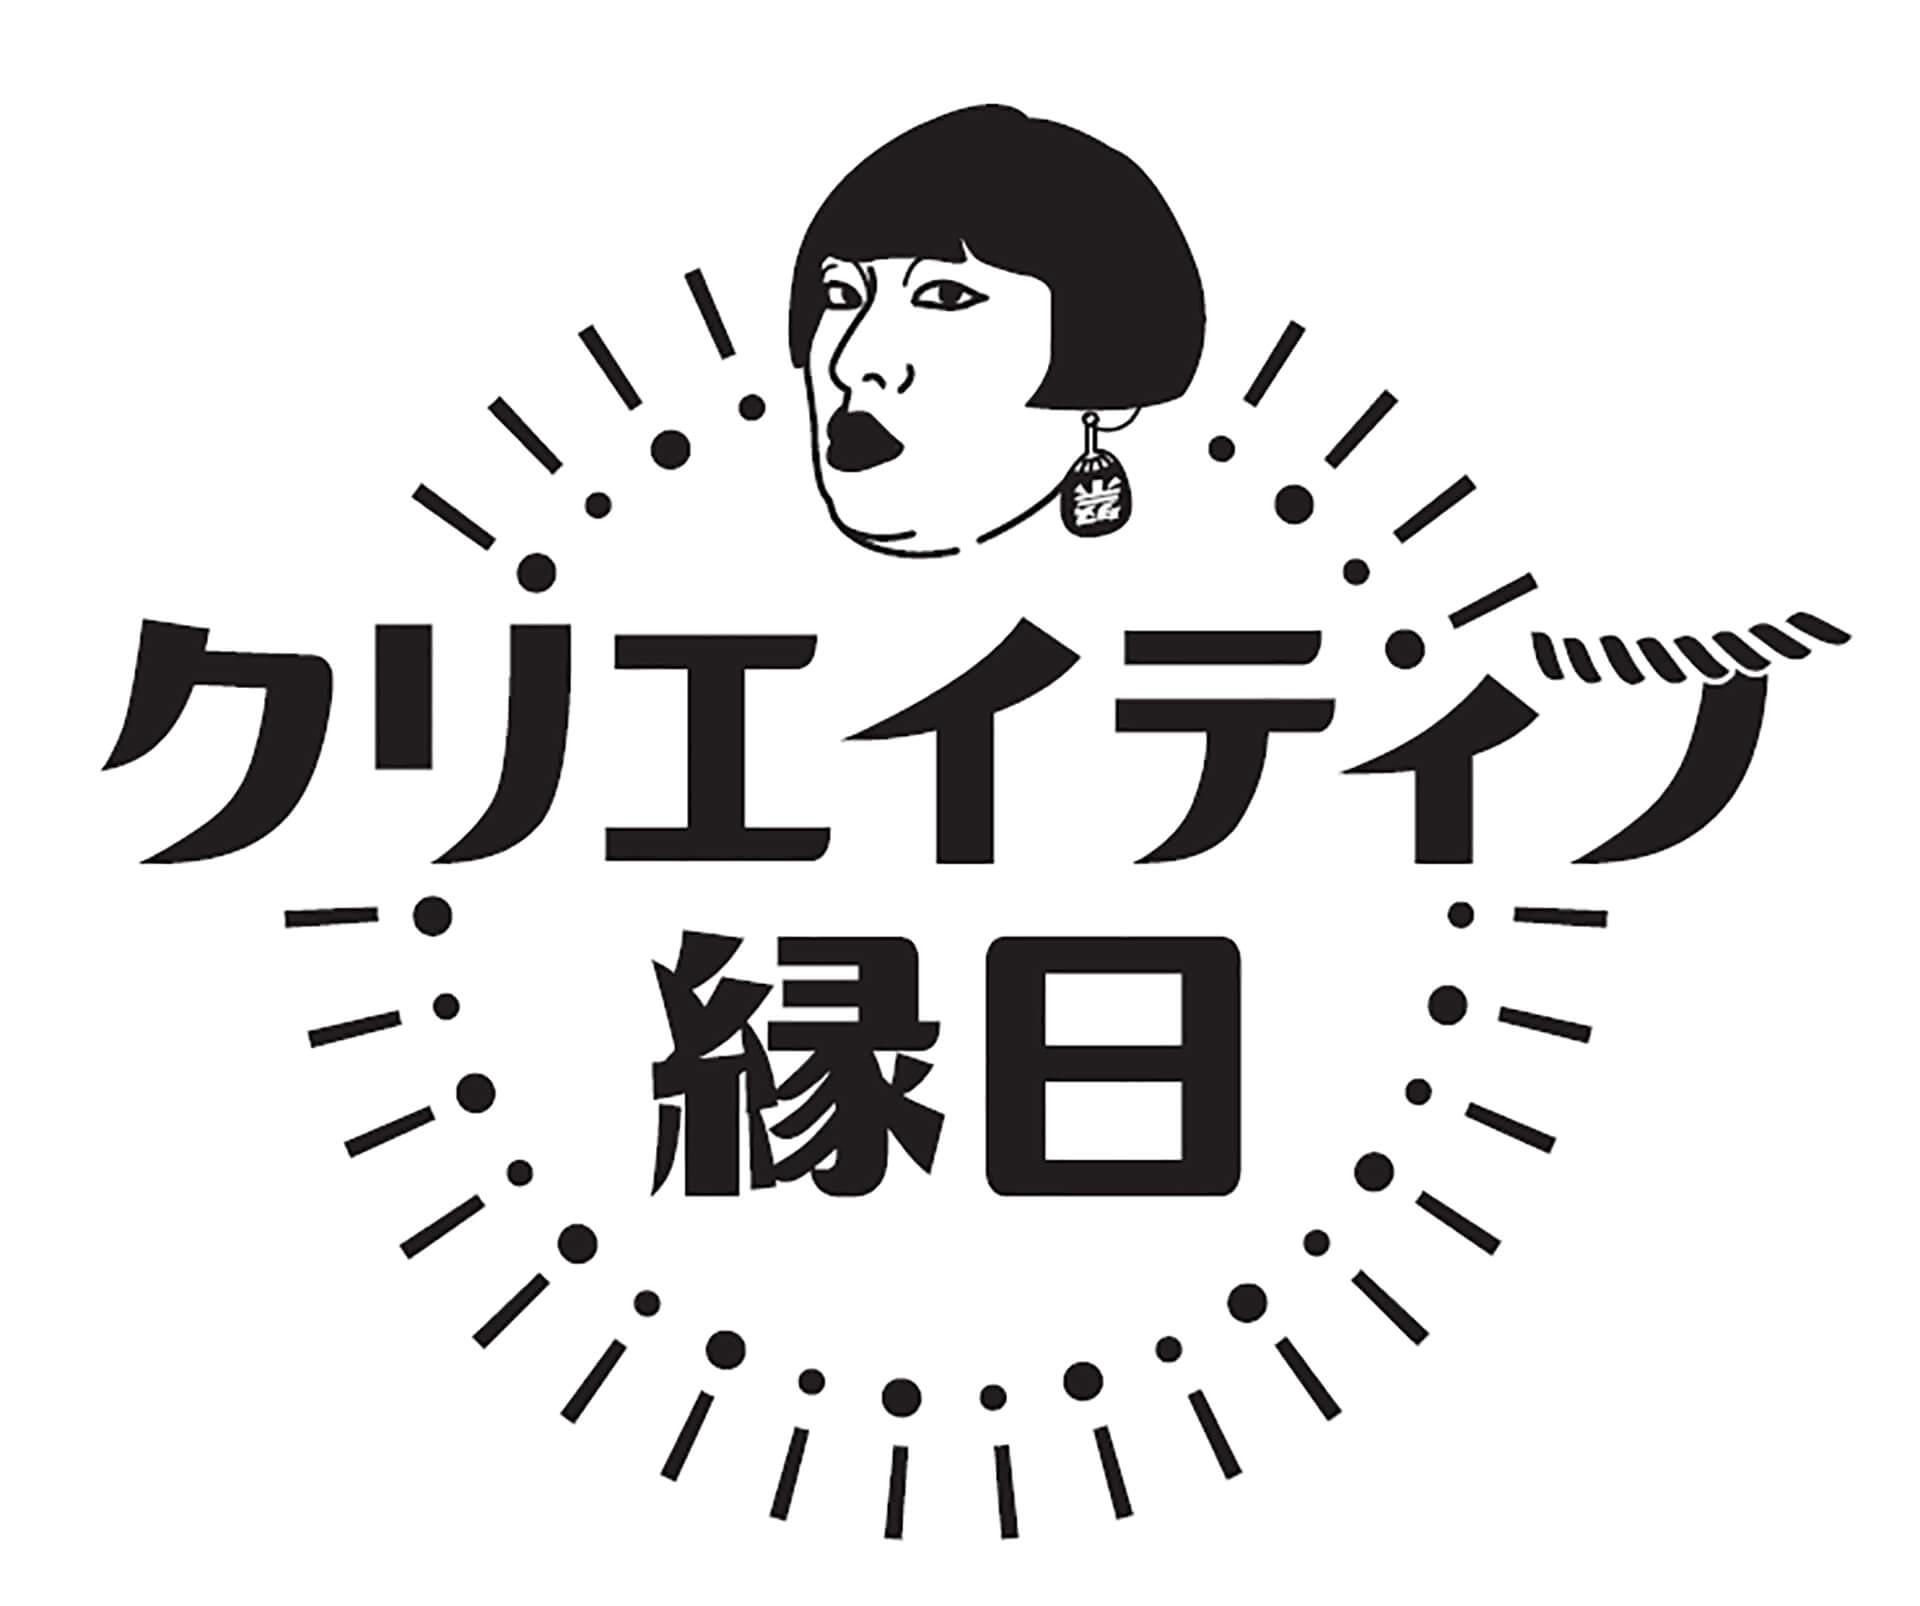 この写真はクリエイティブ縁日のメインビジュアル・イラストを使ったロゴです